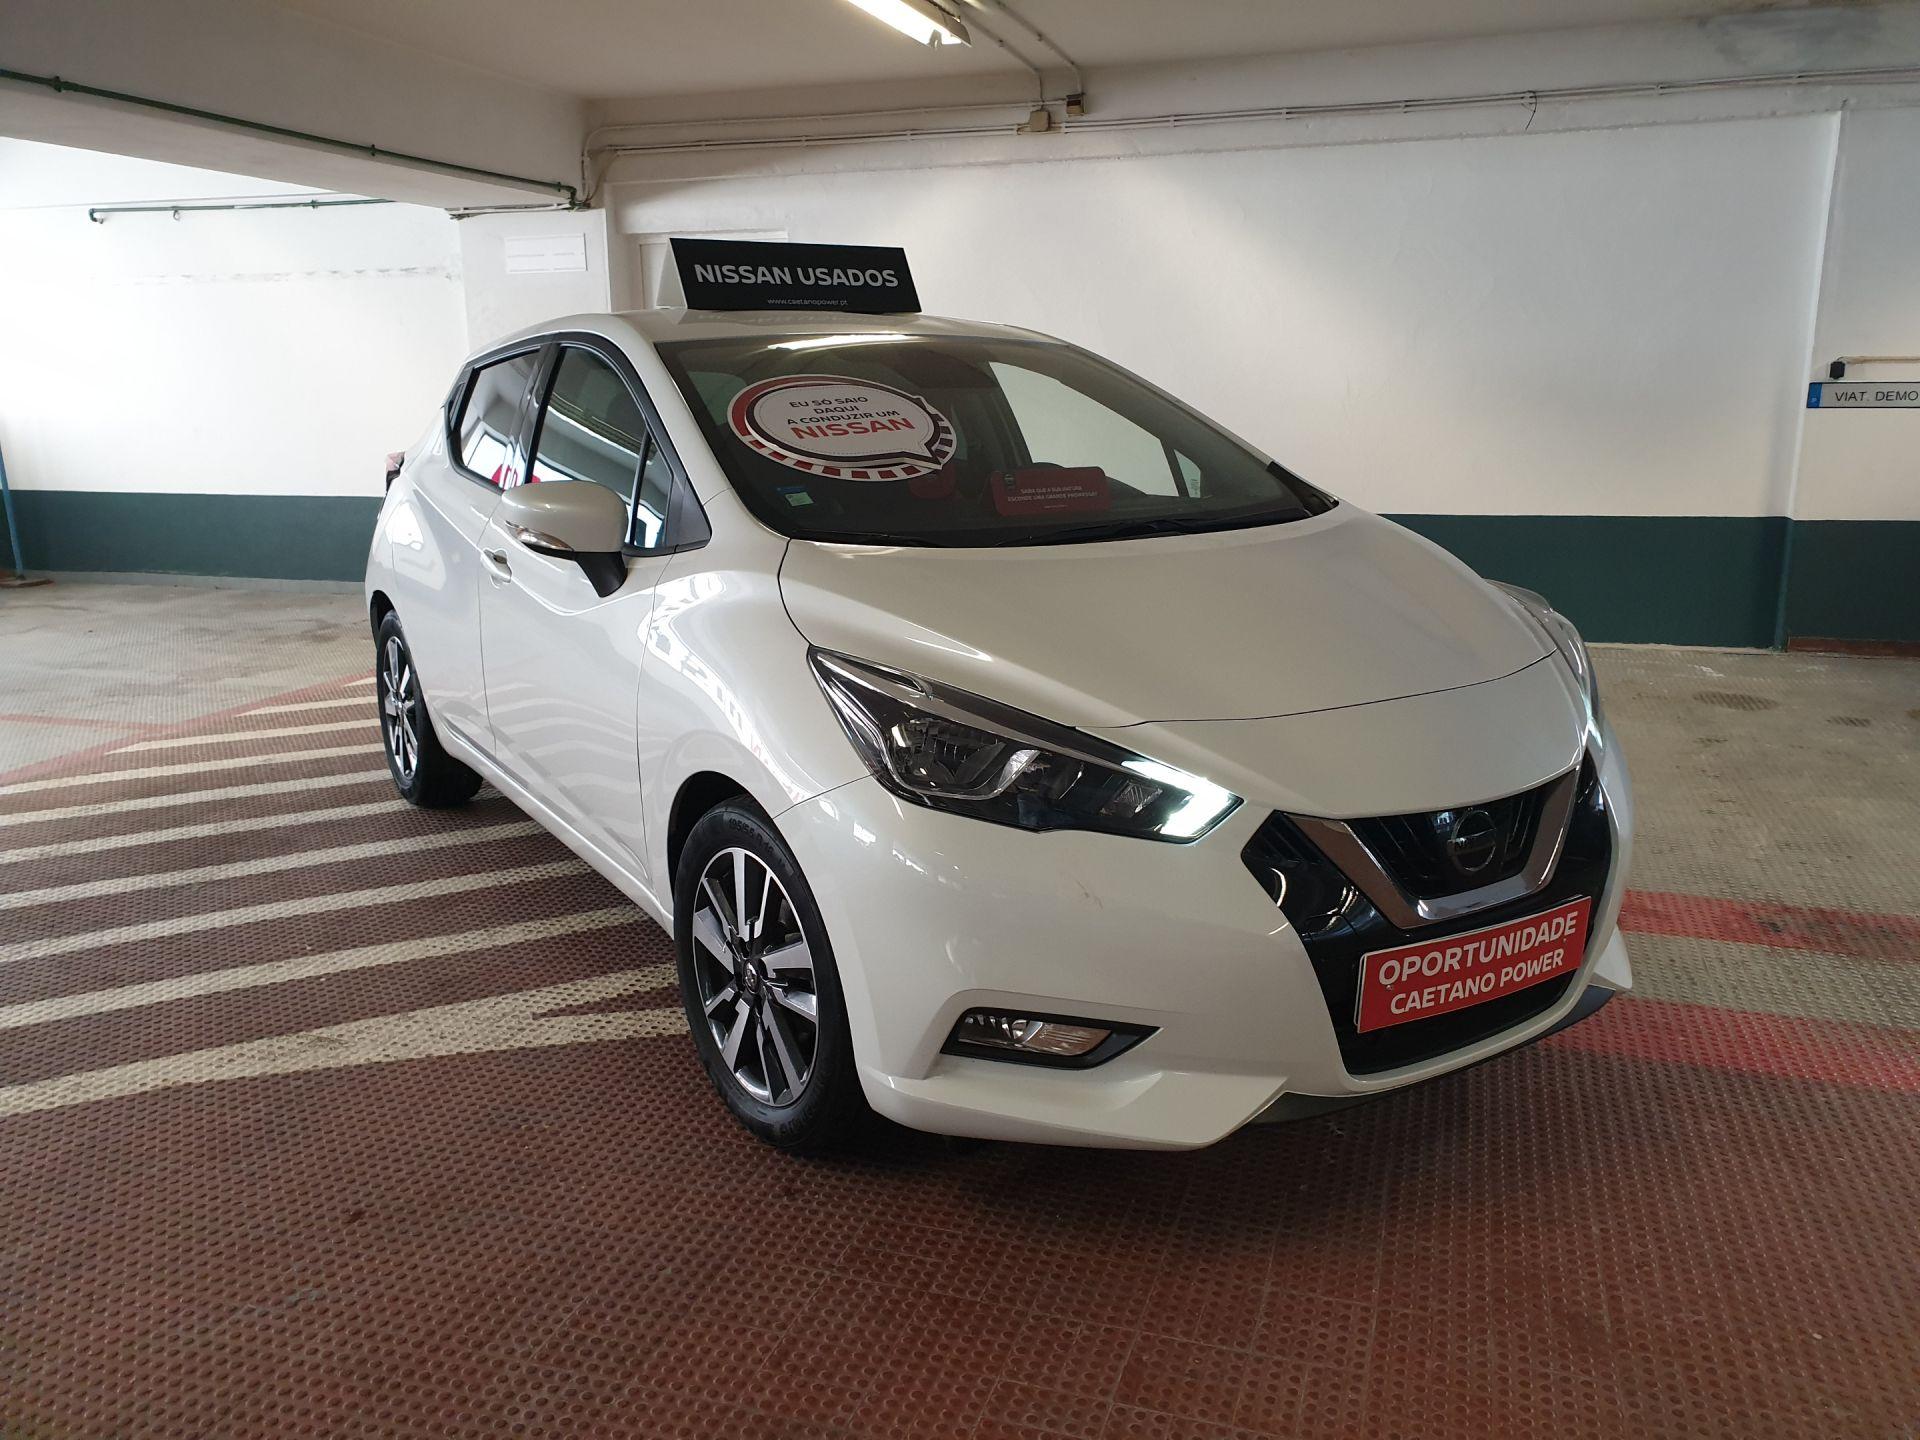 Nissan Micra 1.5dCi 66 kW (90 CV) S&Acenta segunda mão Lisboa